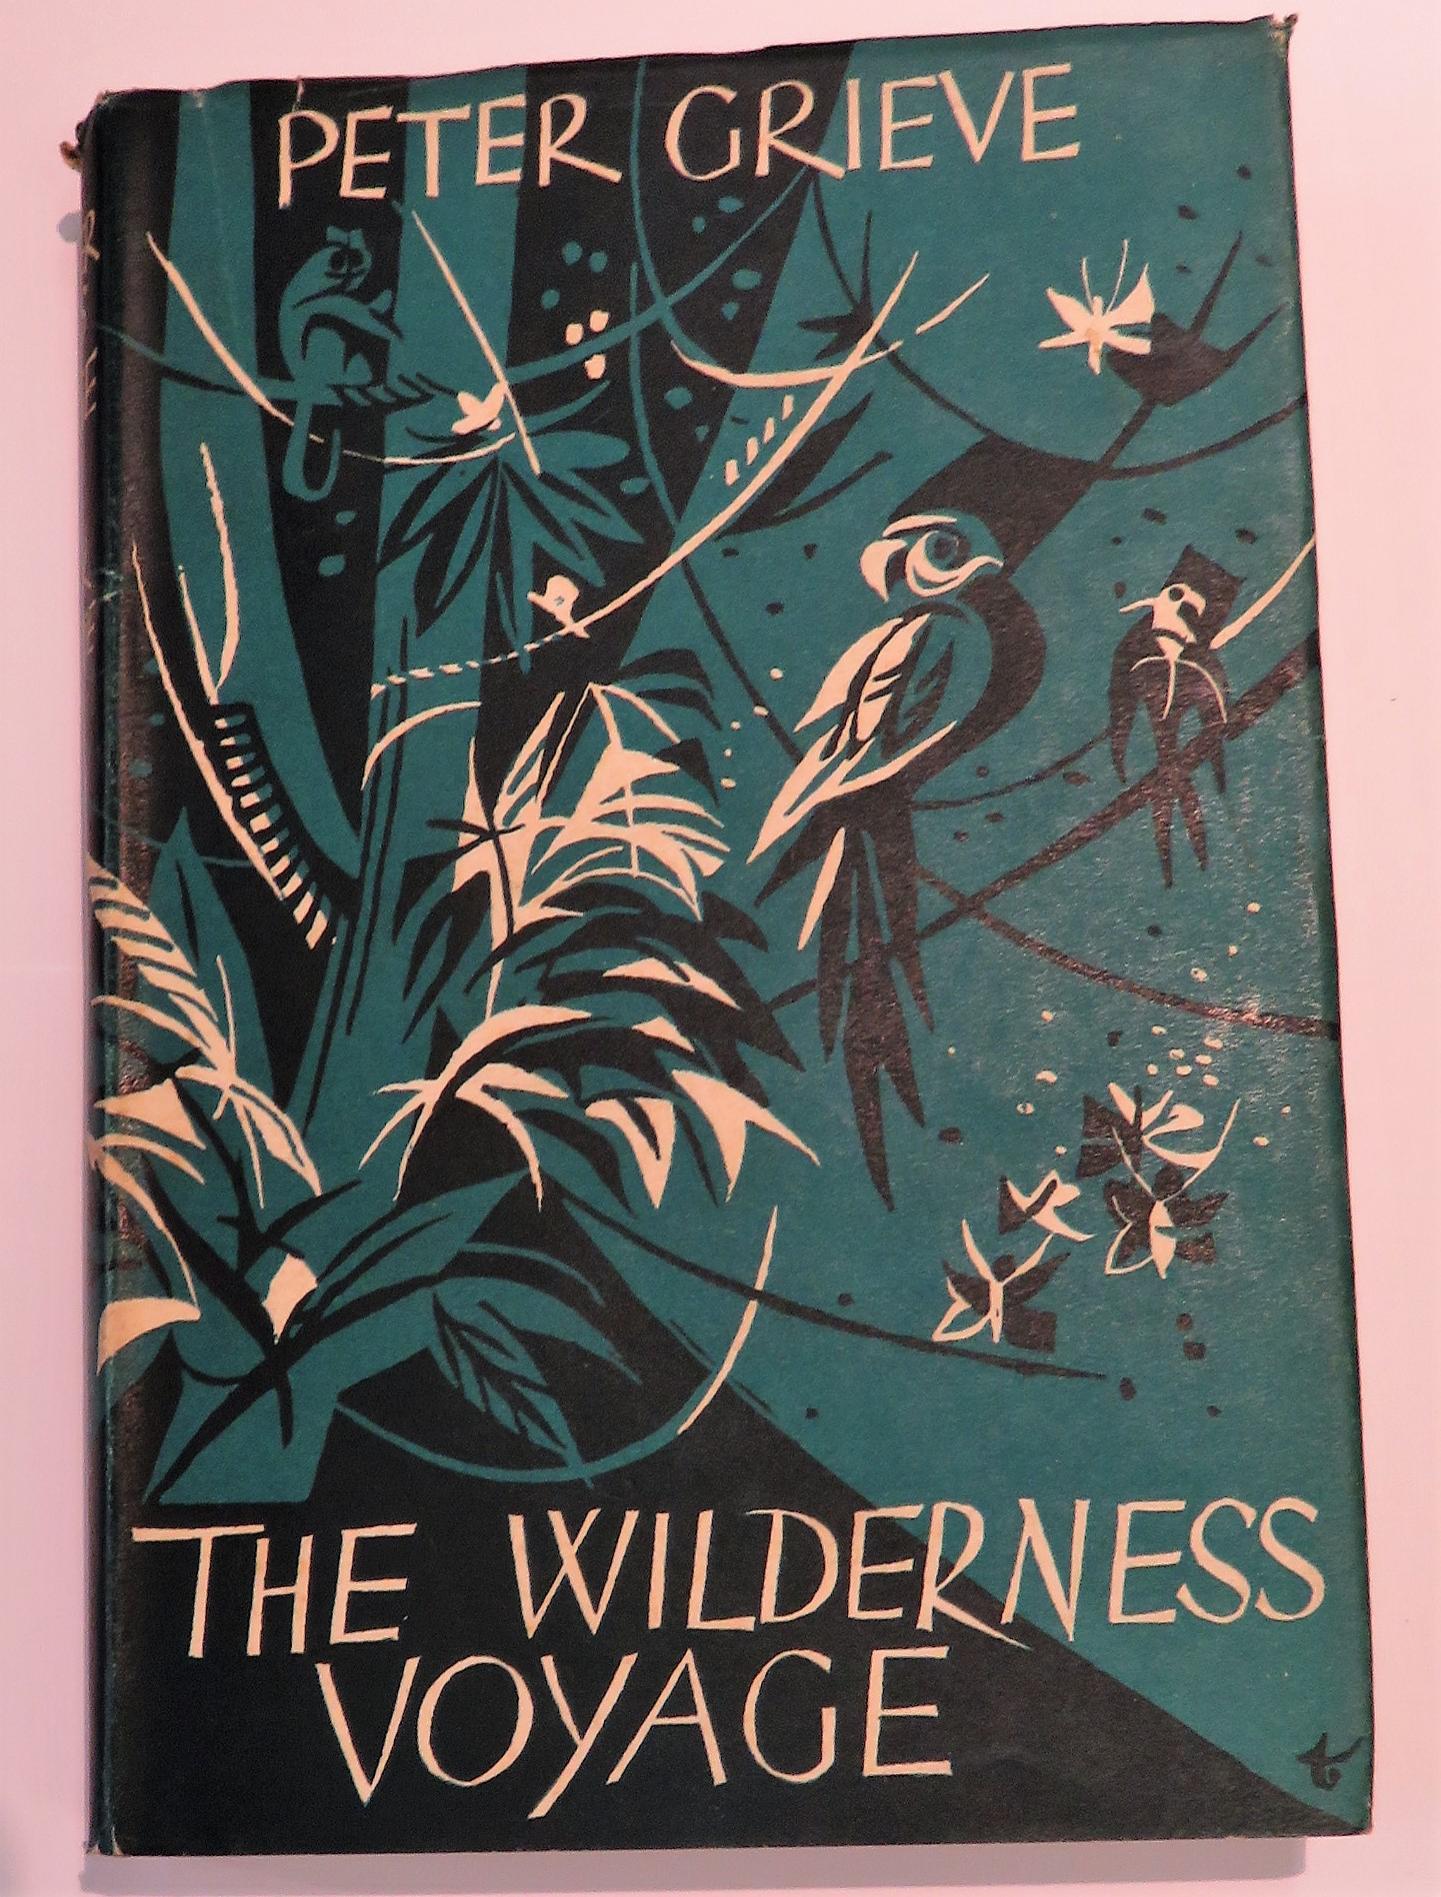 The Wilderness Voyage